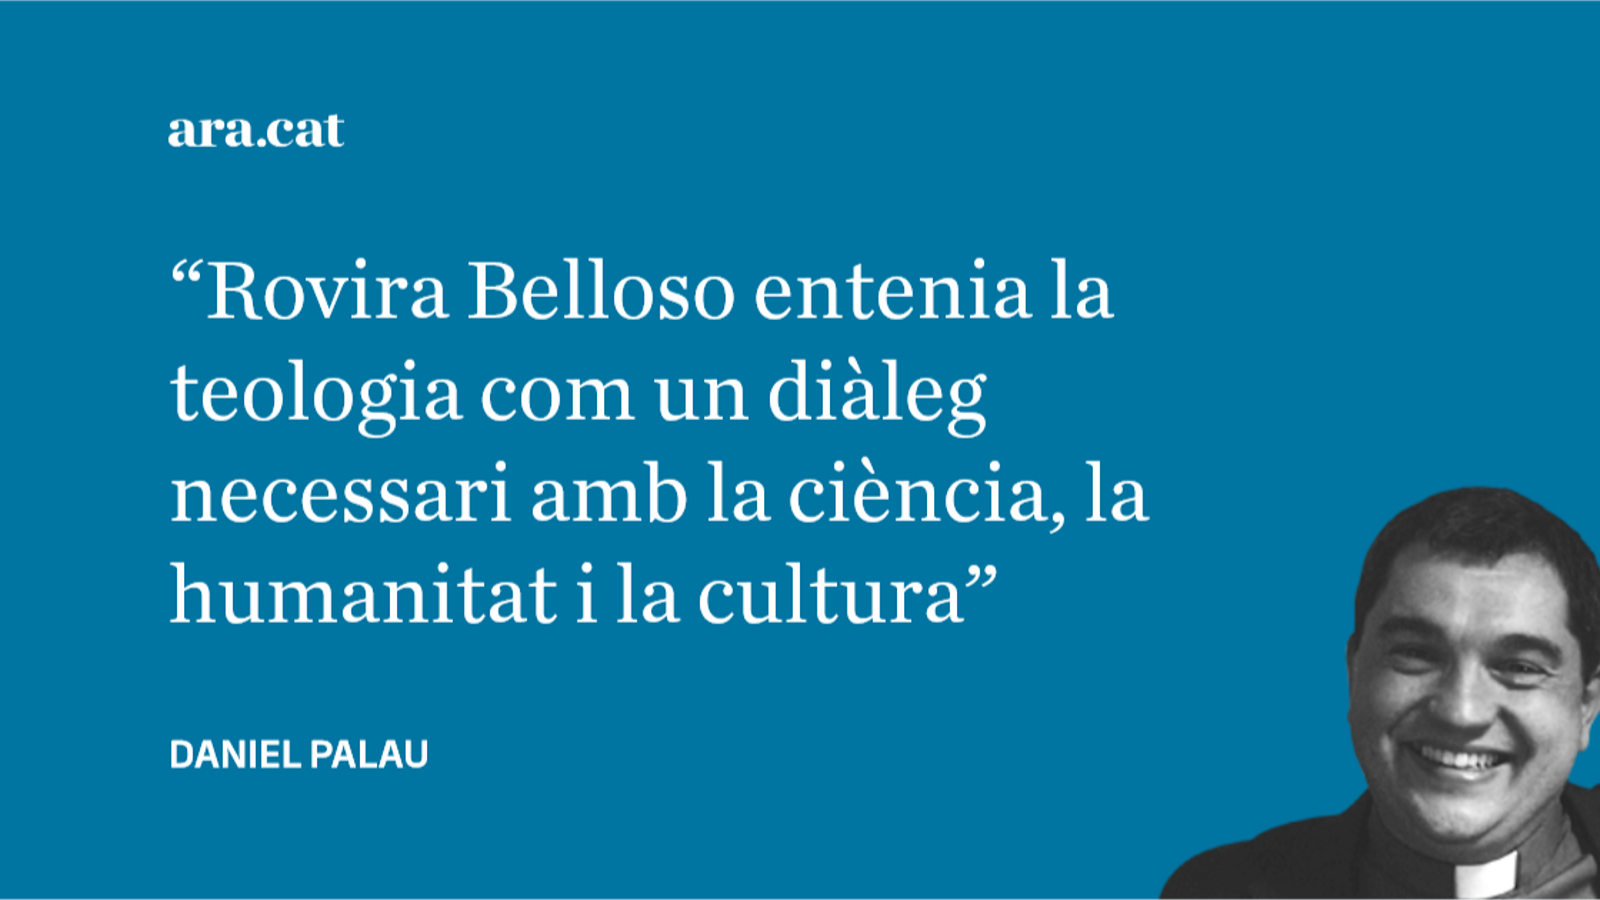 A Josep M. Rovira Belloso, amb tot l'afecte